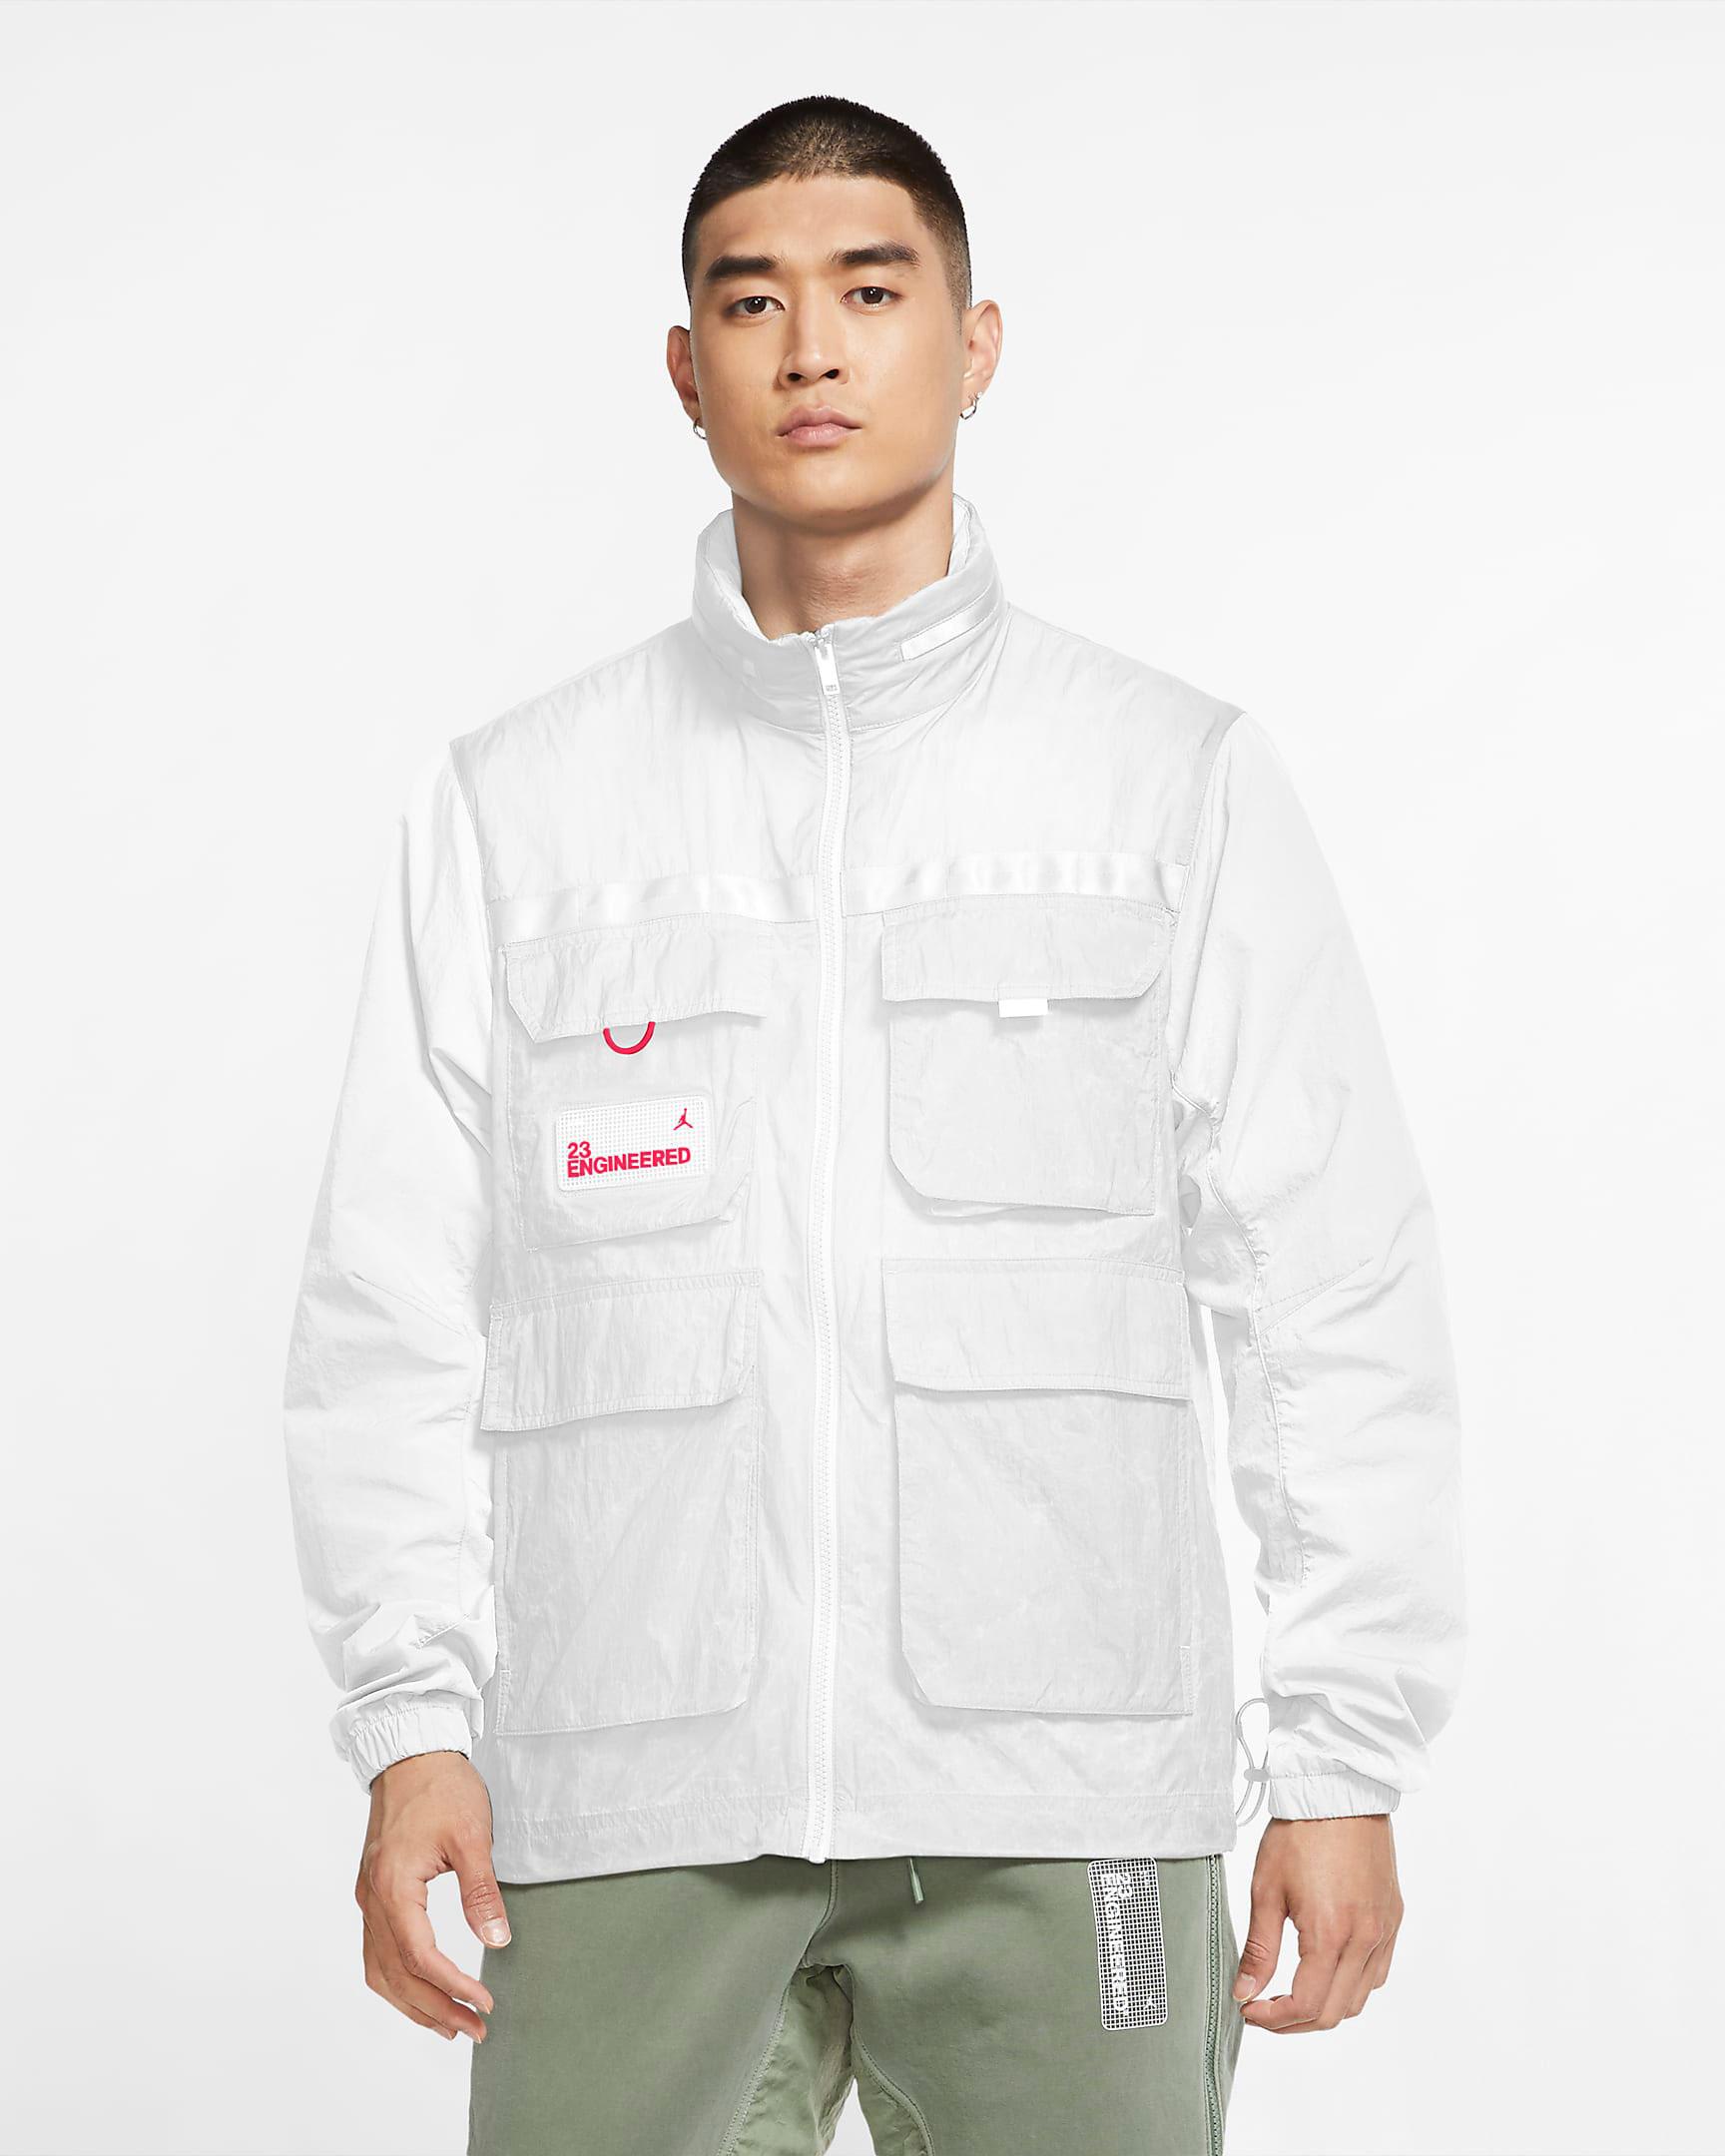 jordan-23-engineered-jacket-white-infrared-1